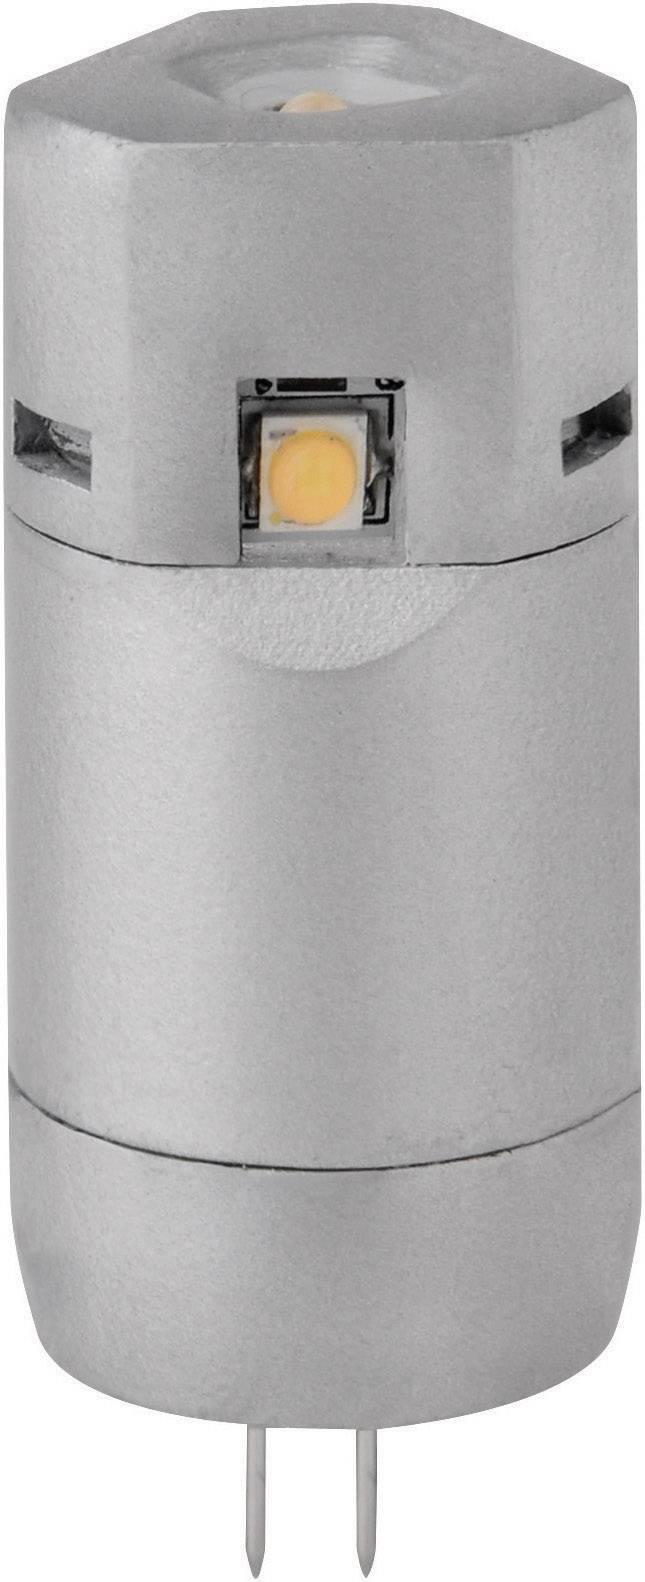 LED žiarovka Megaman MM49102 12 V, 2 W = 10 W, teplá biela, A+, 1 ks